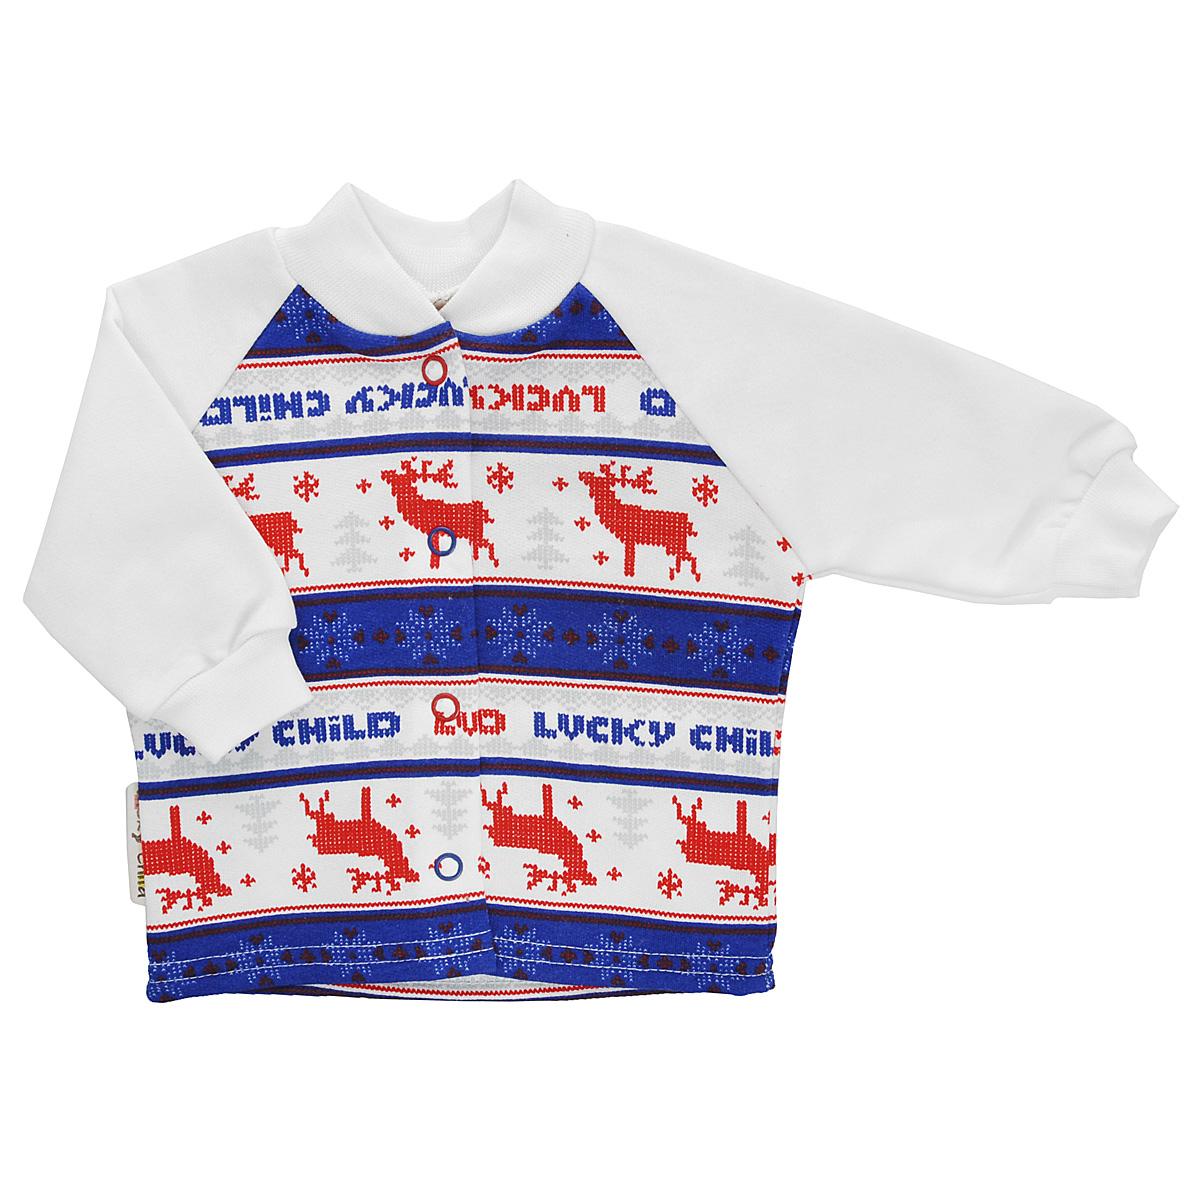 Кофточка детская Lucky Child, цвет: молочный, синий, красный. 10-12_легкая. Размер 68/7410-12_легкаяКофточка для новорожденного Lucky Child с длинными рукавами-реглан послужит идеальным дополнением к гардеробу вашего малыша, обеспечивая ему наибольший комфорт. Изготовленная из натурального хлопка, она необычайно мягкая и легкая, не раздражает нежную кожу ребенка и хорошо вентилируется, а эластичные швы приятны телу малыша и не препятствуют его движениям. Удобные застежки-кнопки по всей длине помогают легко переодеть младенца. Рукава понизу дополнены широкими трикотажными манжетами, не стягивающими запястья. Оформлена модель модным скандинавским принтом. Кофточка полностью соответствует особенностям жизни ребенка в ранний период, не стесняя и не ограничивая его в движениях. В ней ваш младенец всегда будет в центре внимания.